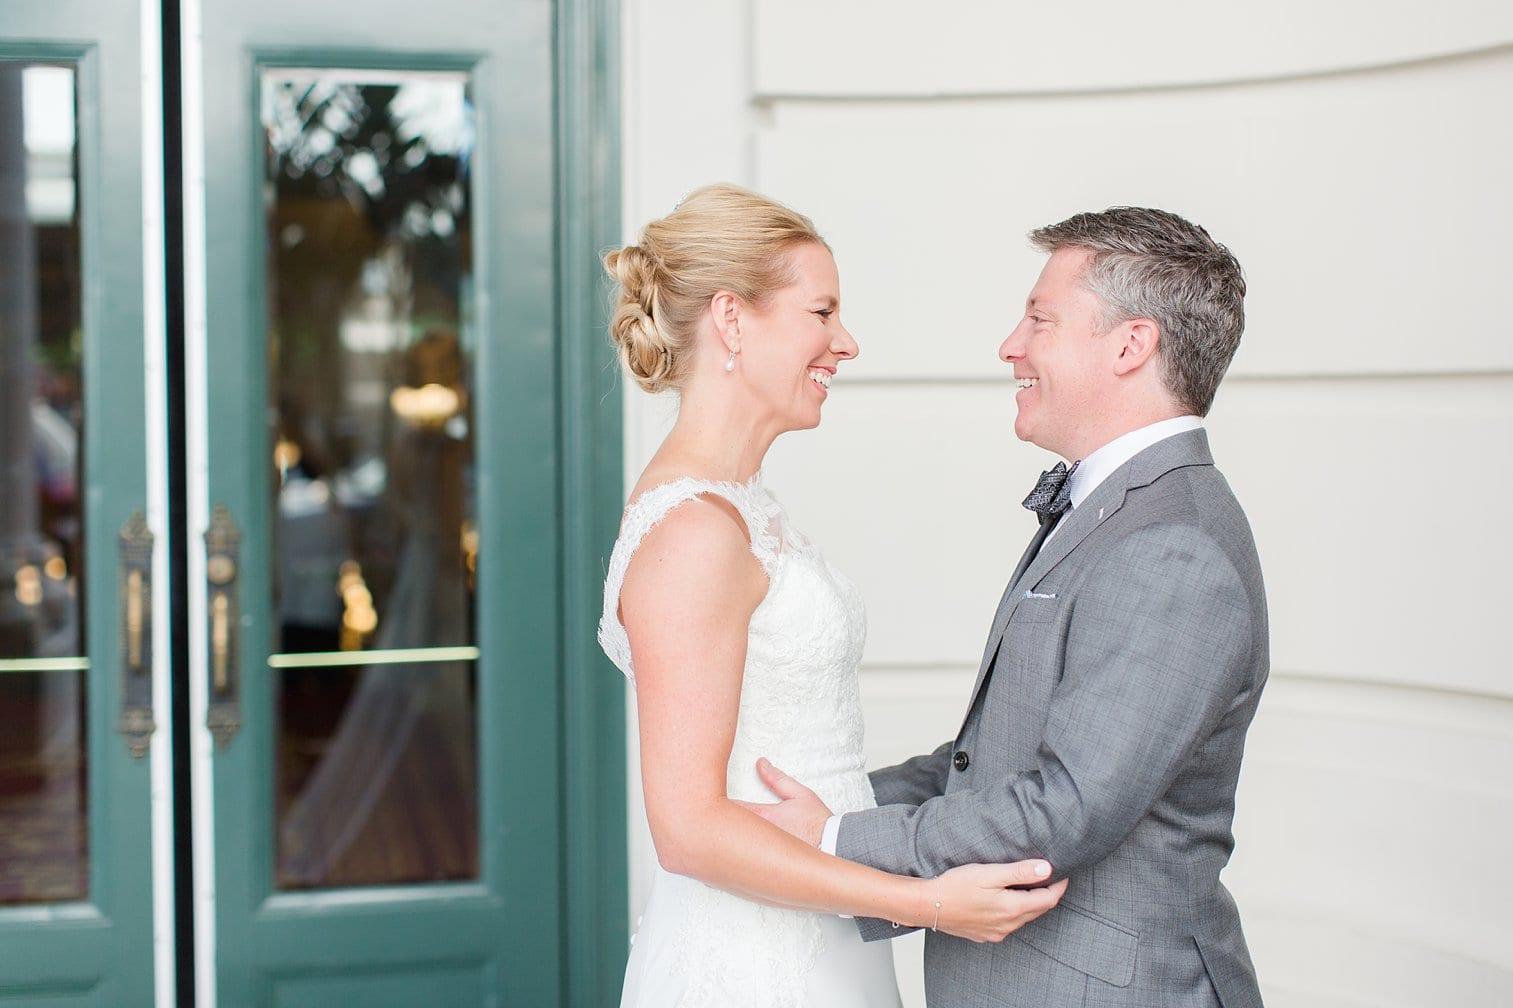 Ronald Reagan Building Wedding Washington DC Wedding Photographer Ashley & Brett-190.jpg